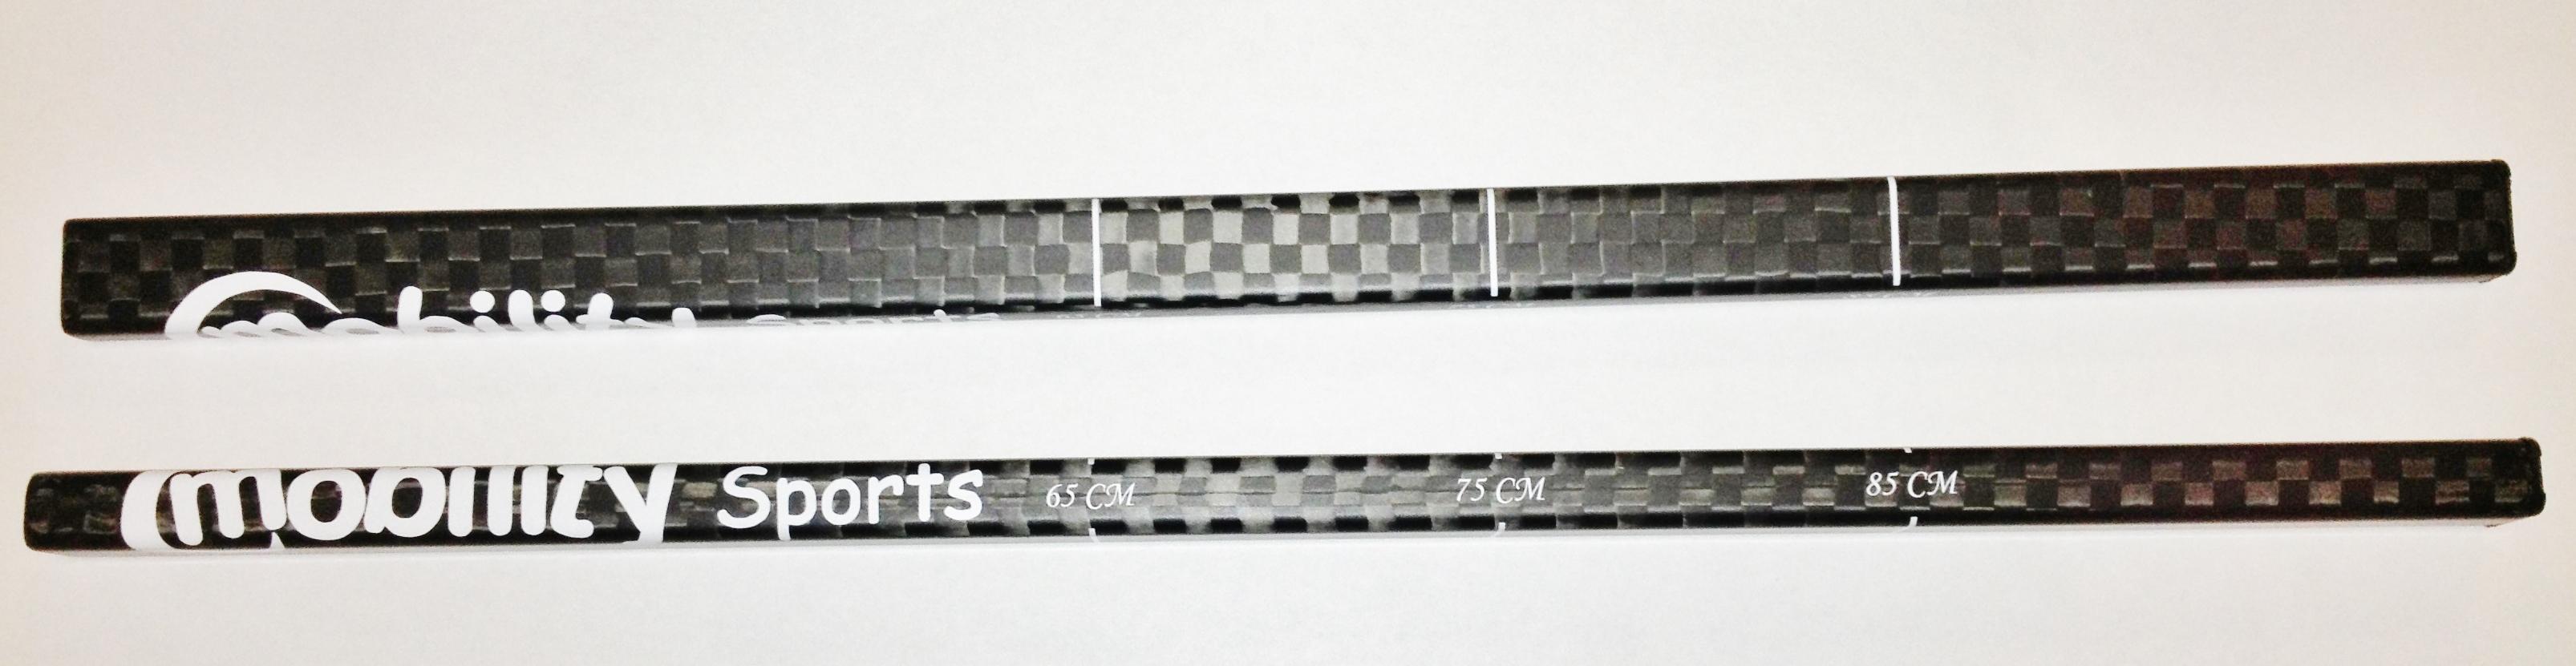 100% Carbon Fiber Shaft 00059